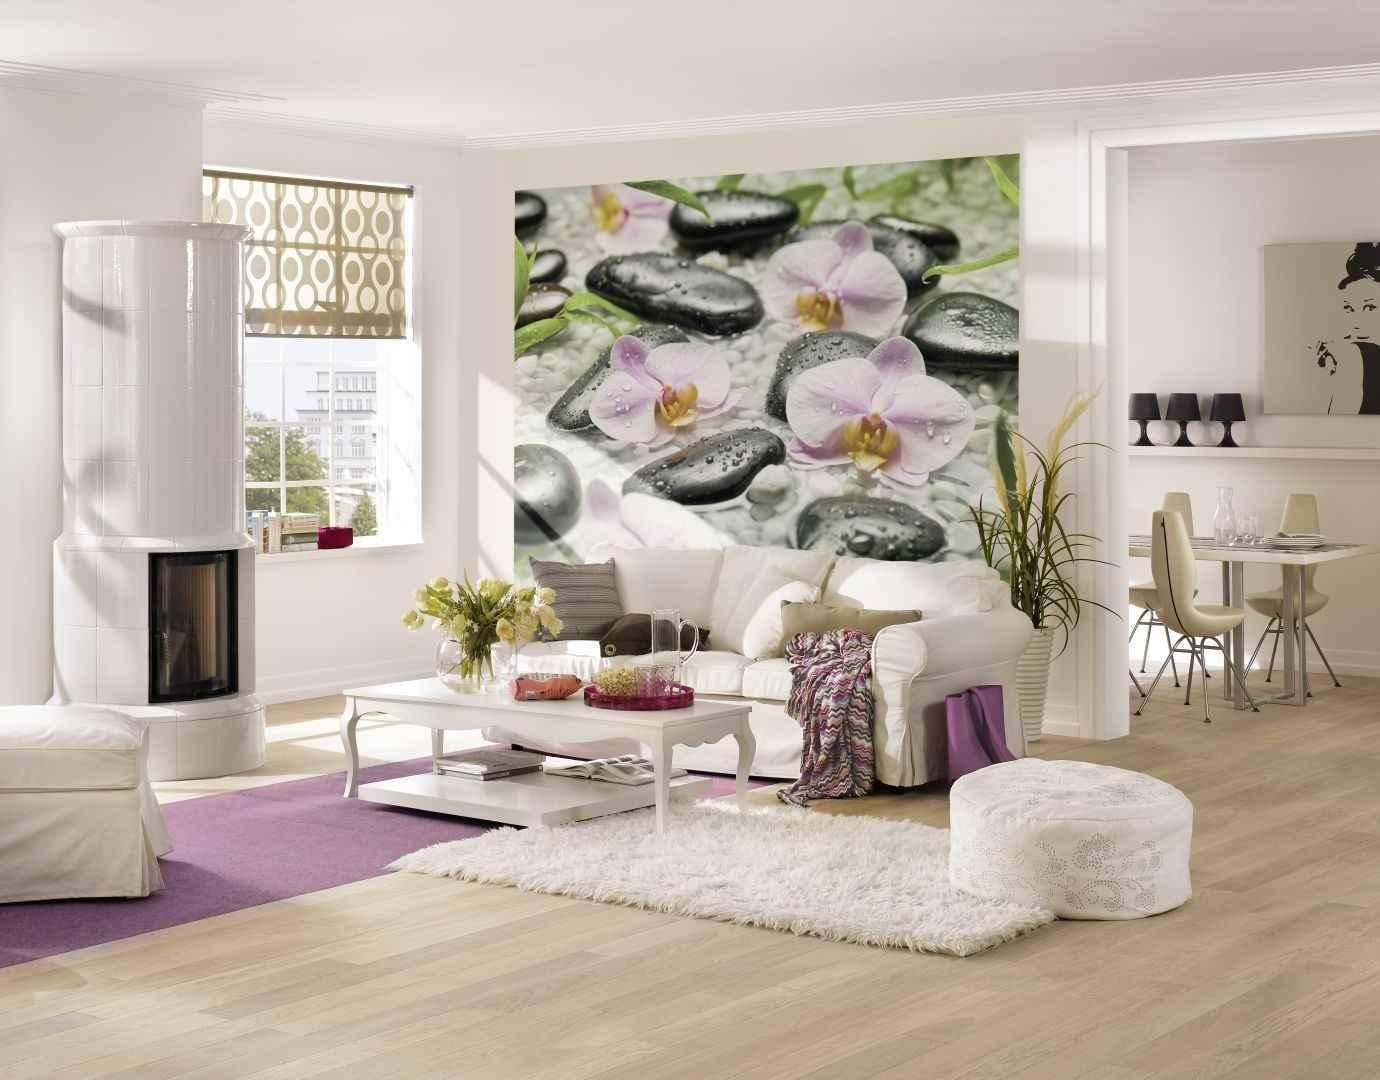 Какие обои выбрать для гостиной: вид, цвет, рисунок, стиль | строительный блог вити петрова